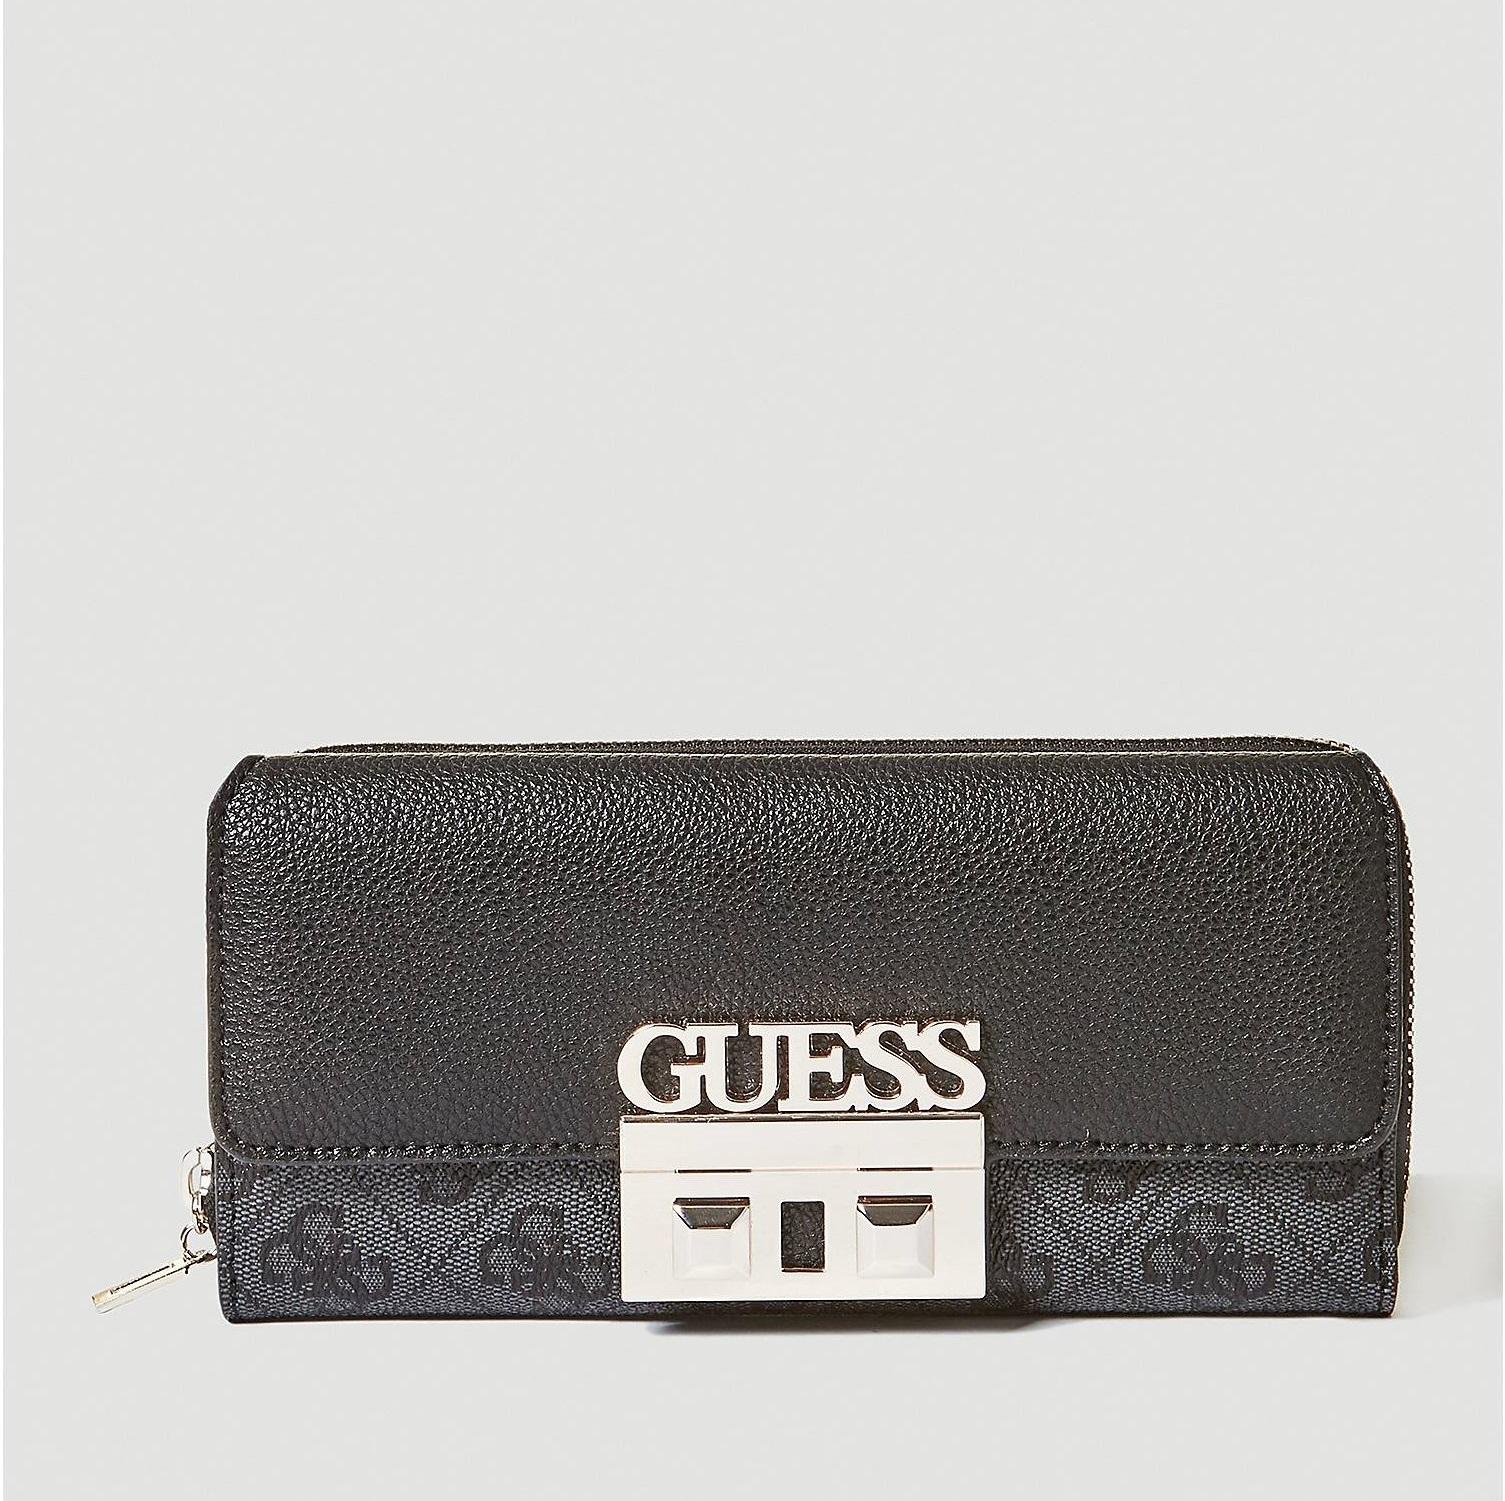 Guess(ゲス) 長財布